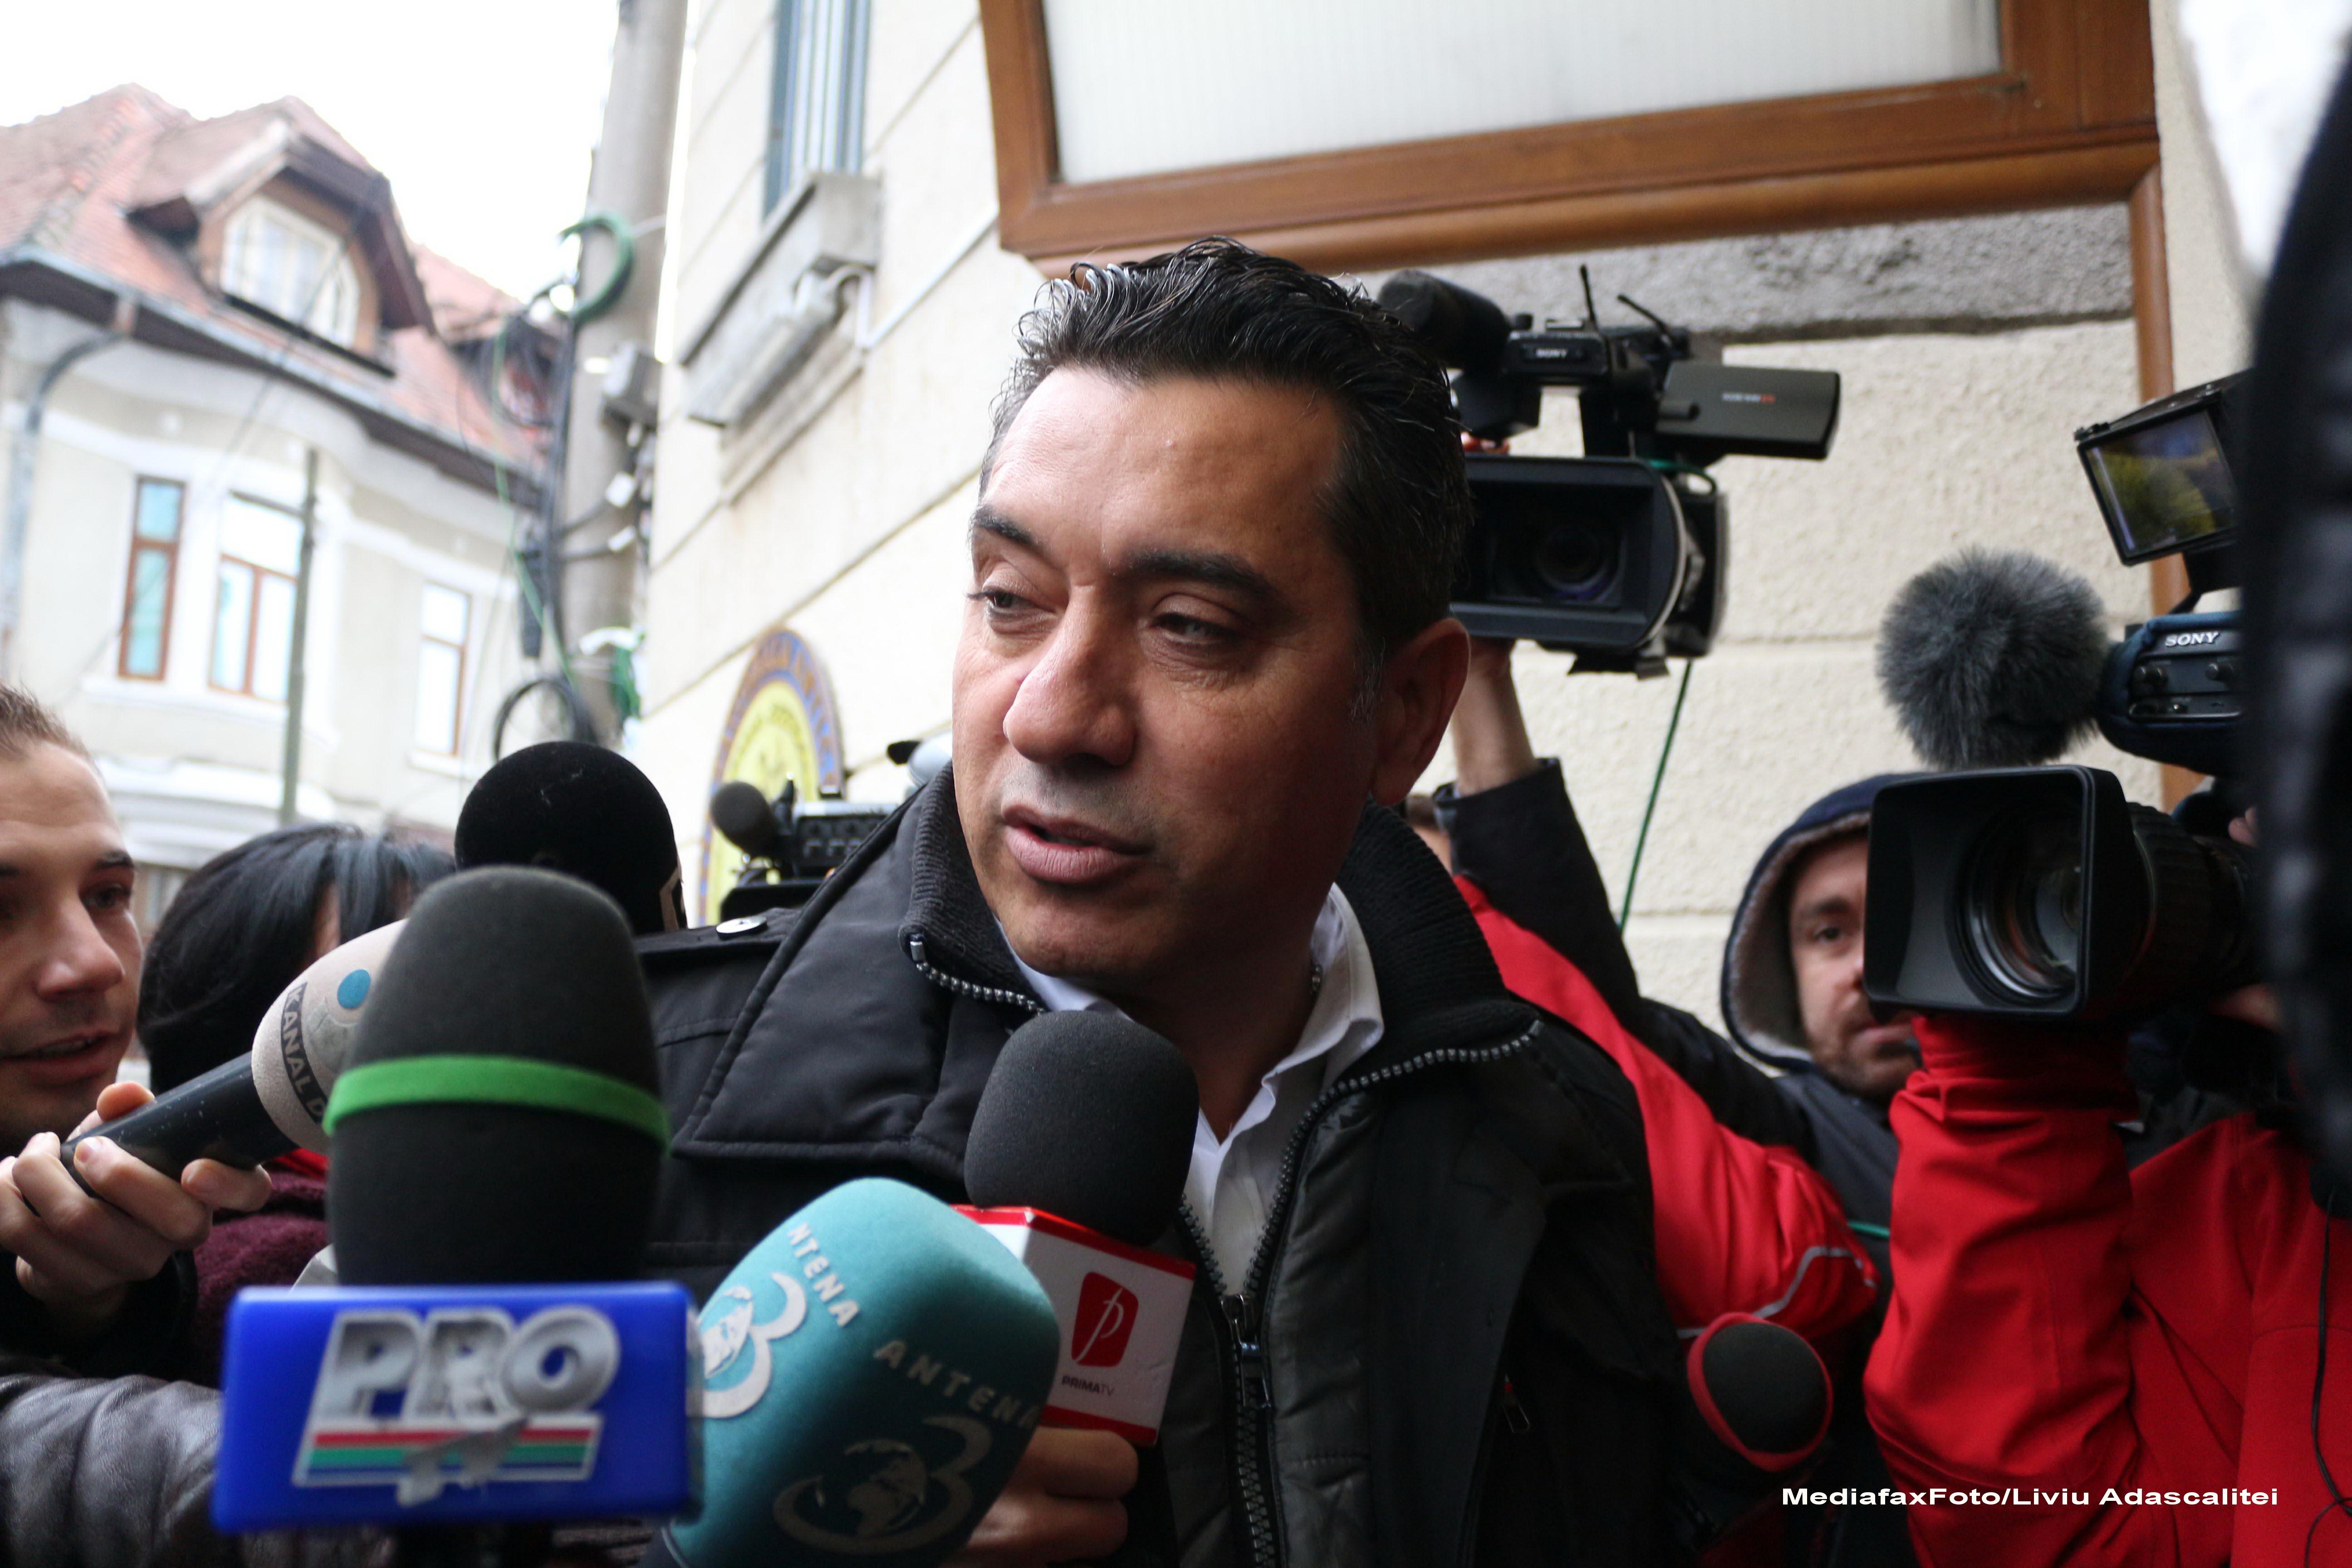 Senatorul PDL Gigi Chiru se alatura valului de politicieni cercetati pentru coruptie. DNA il acuza de luare de mita